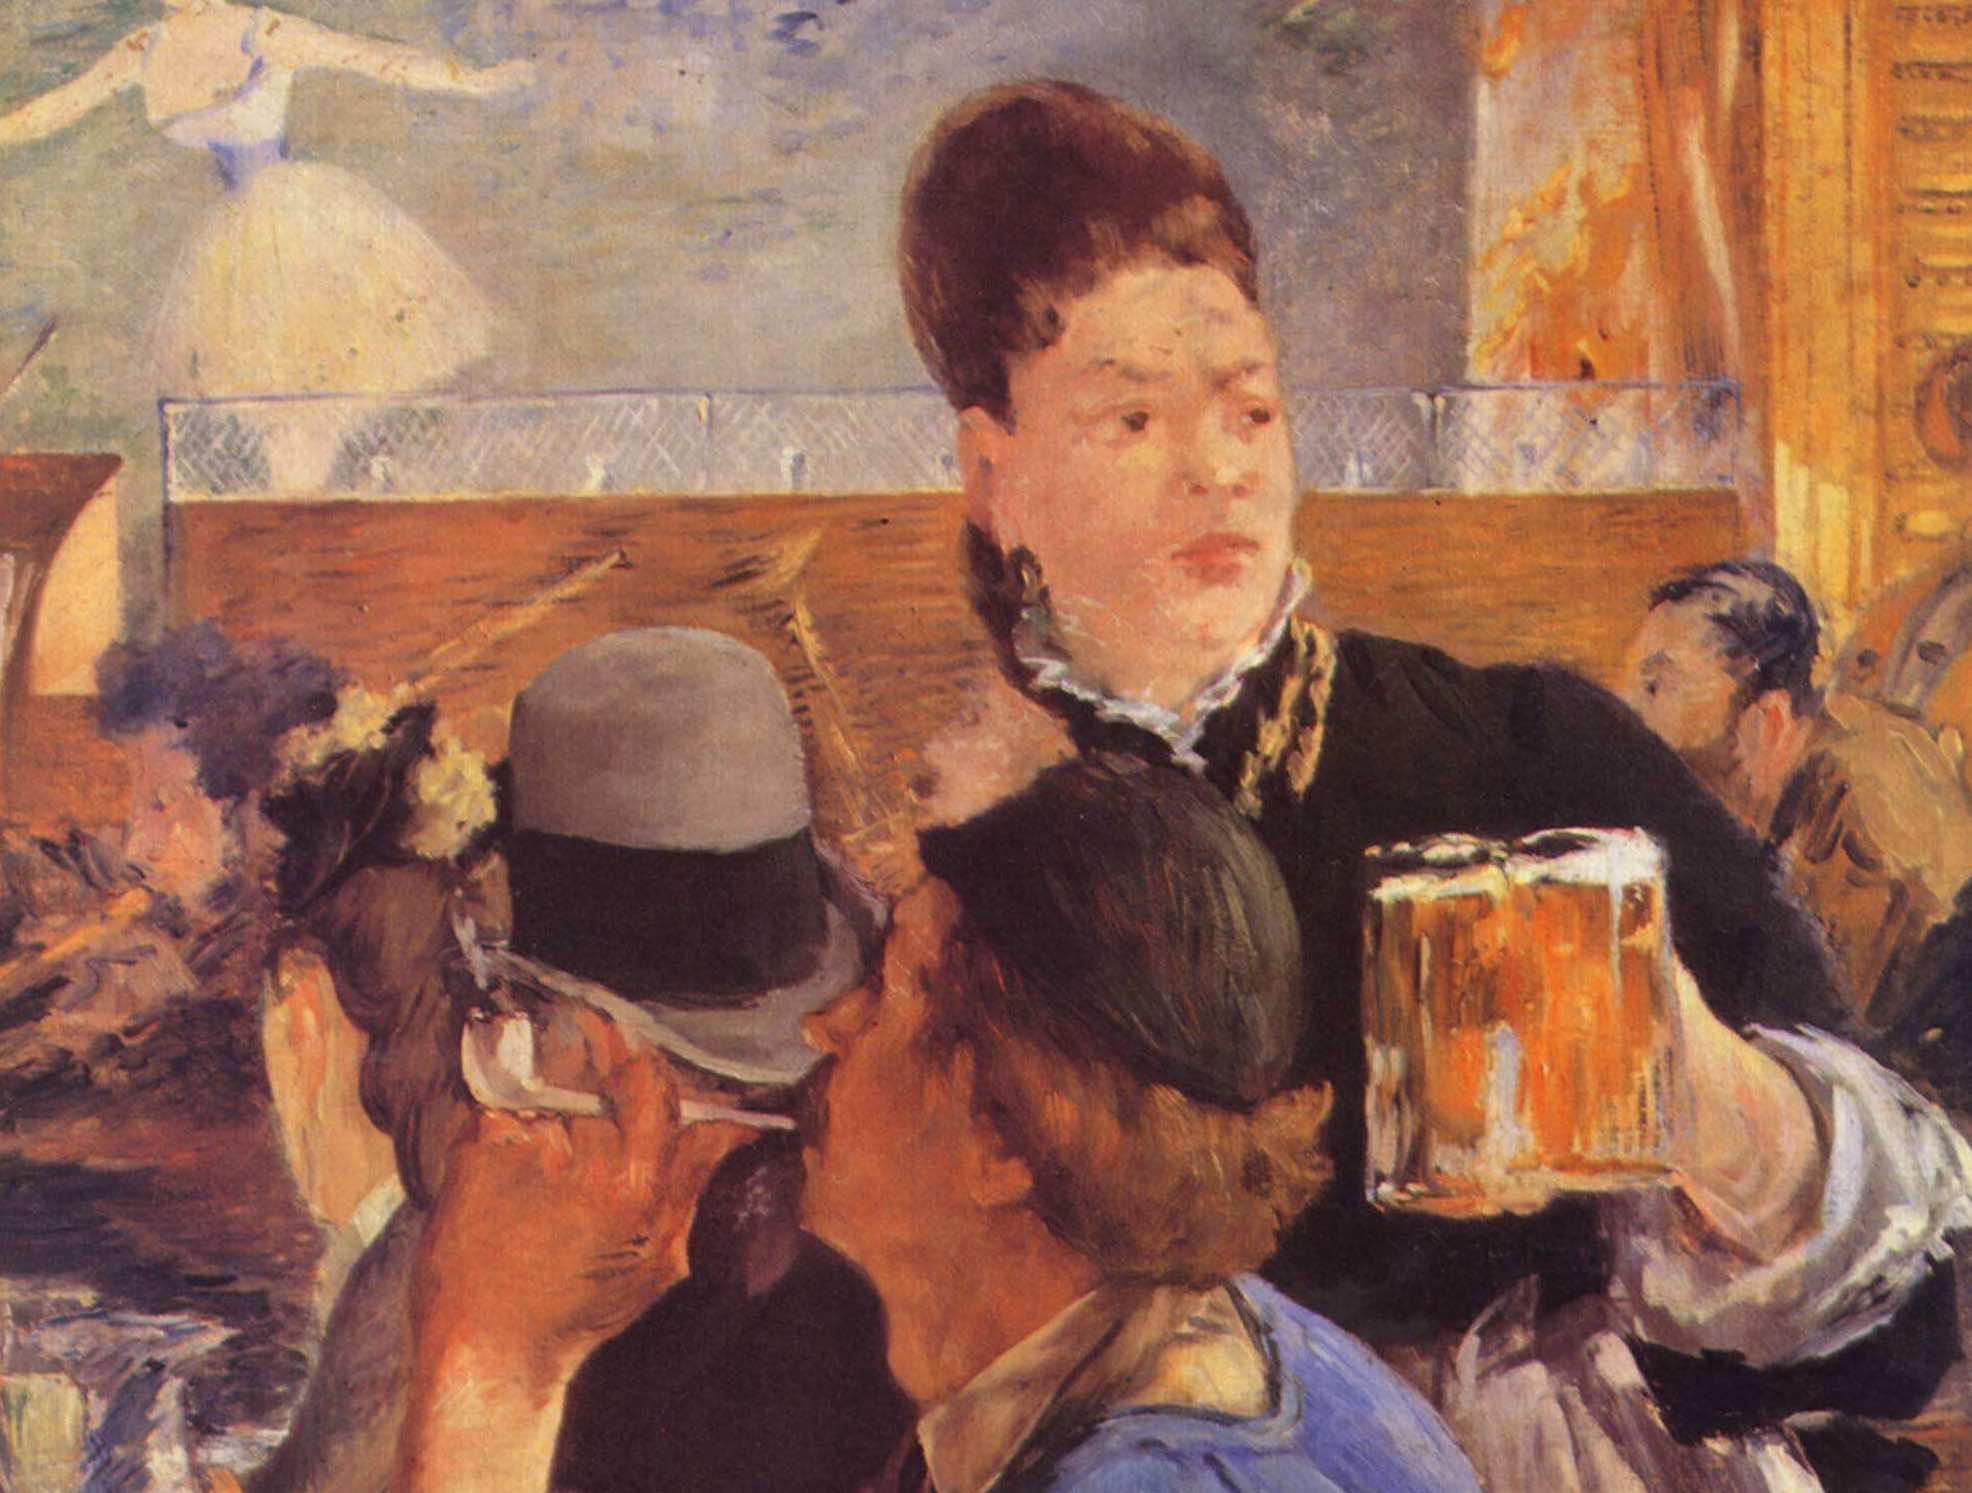 Opere alcoliche. L'alcol in quattro dipinti della National Gallery